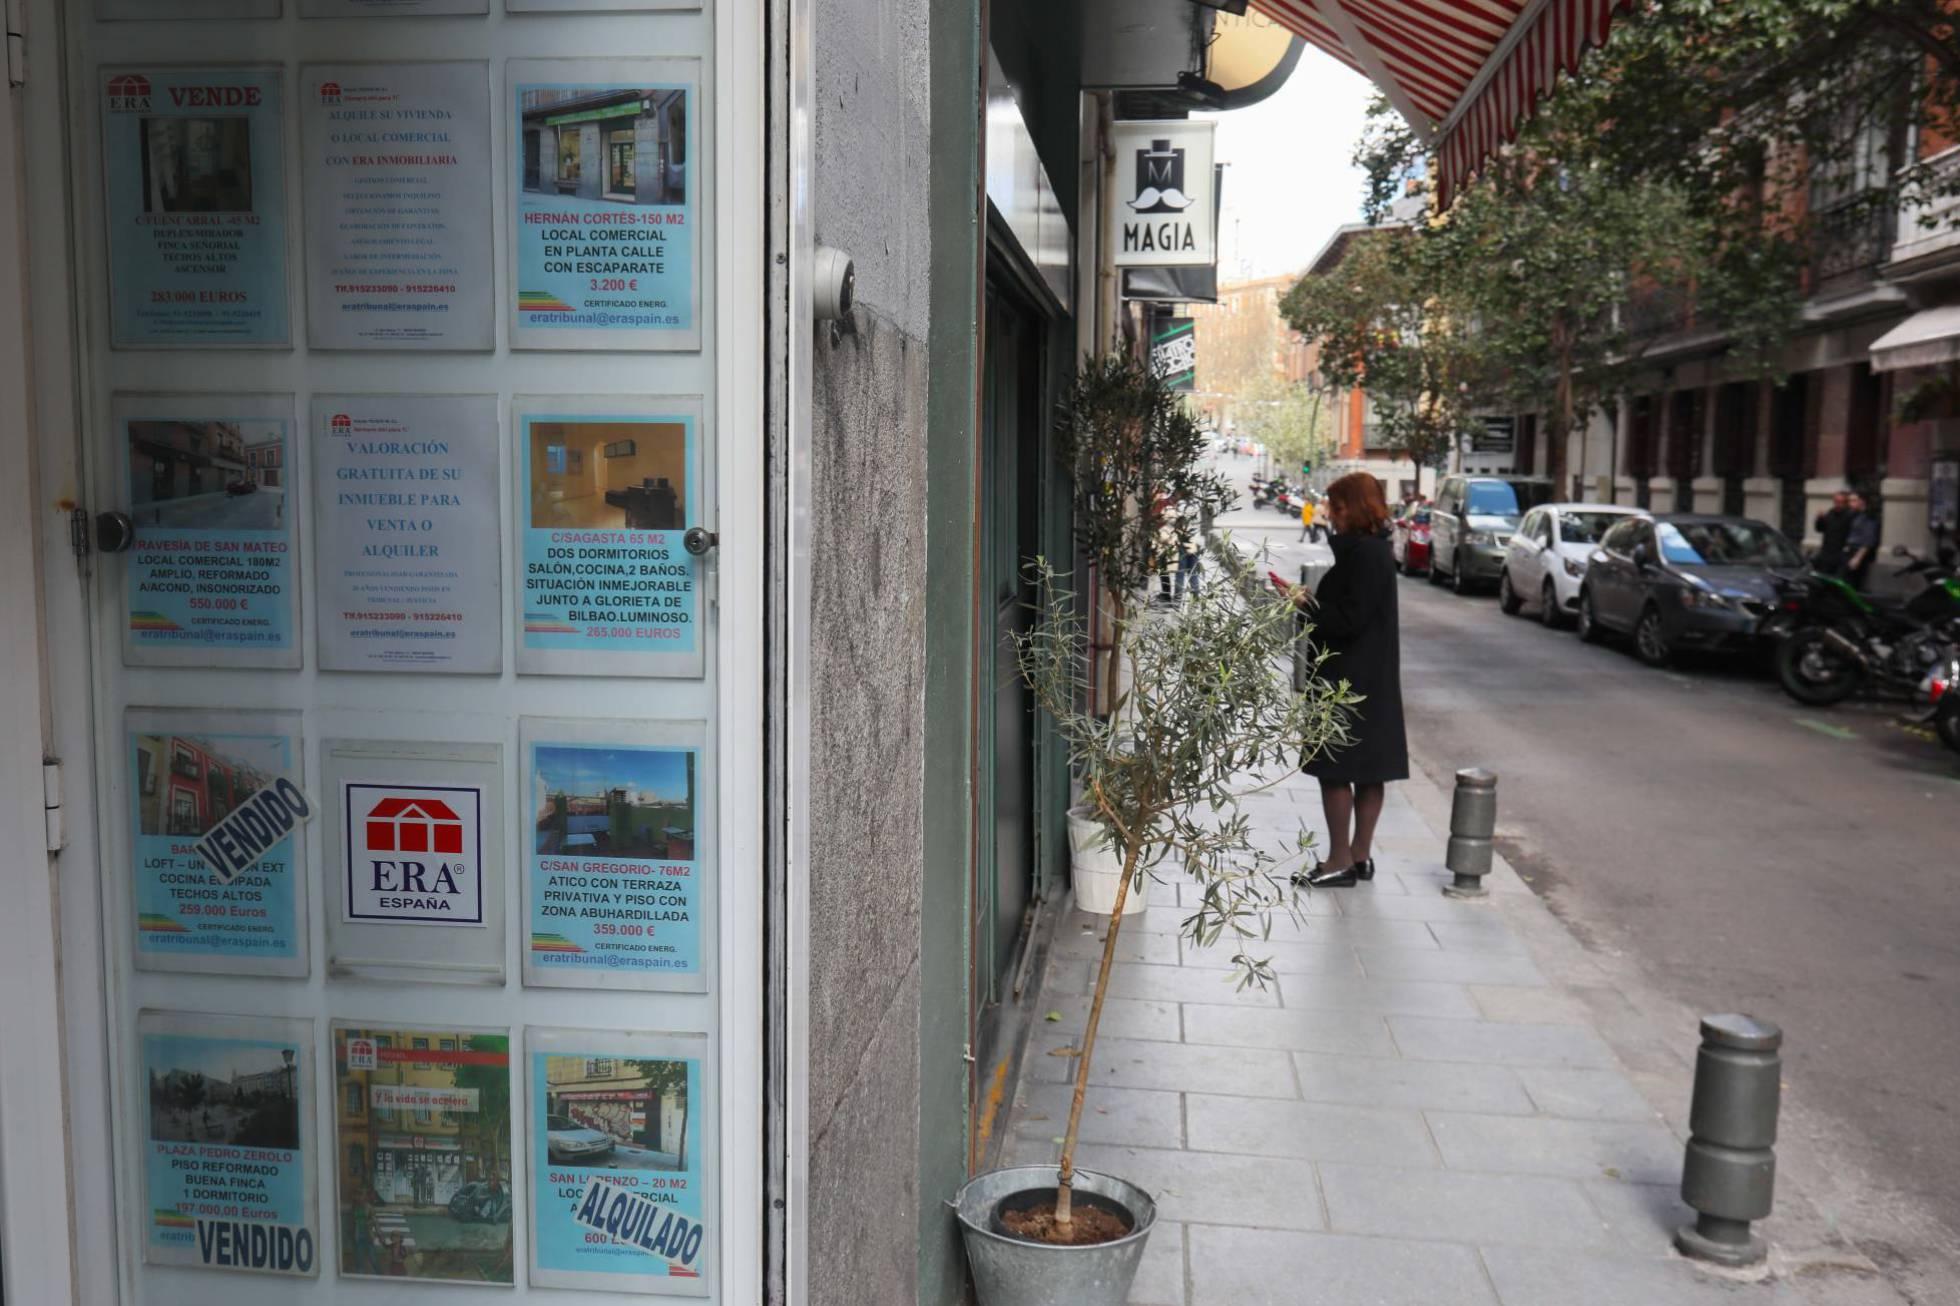 Los españoles quieren contratar hipotecas, pero acaban pagando alquileres